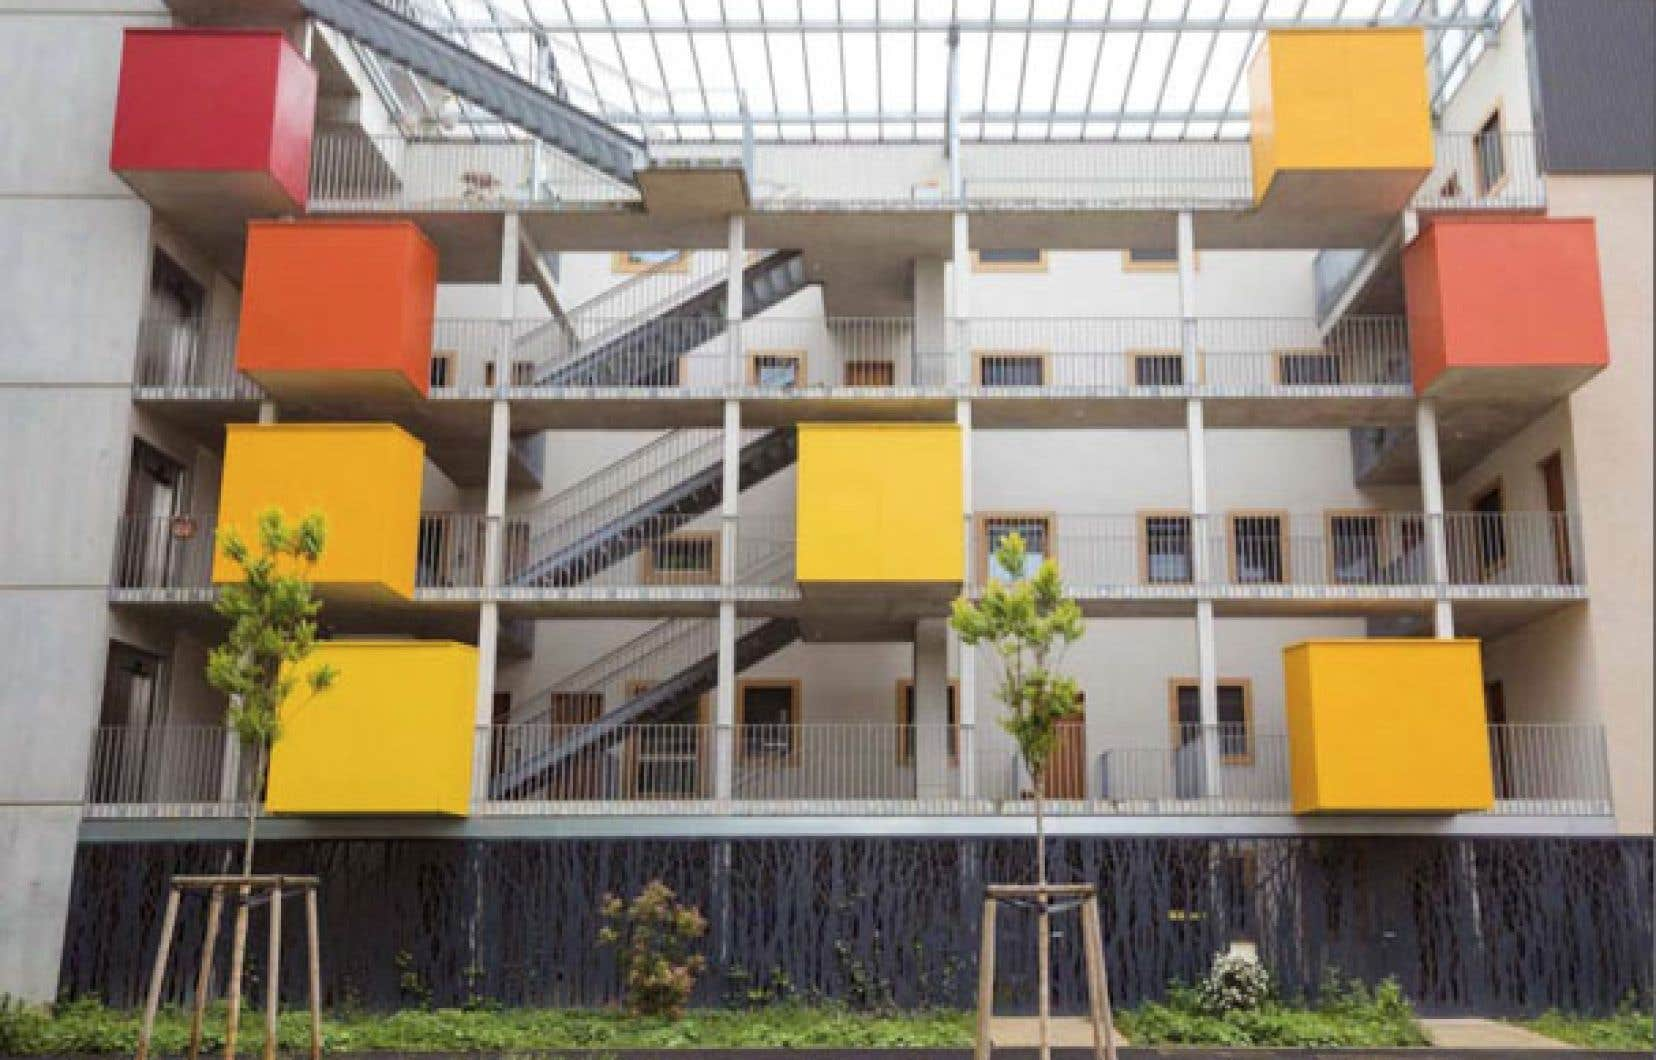 Un projet d'ÉcoQuartier à Strasbourg, en France. À Montréal, un collectif de citoyens, appuyés par la mairesse d'arrondissement Maja Vodanovic, rêvent de faire de Lachine-Est un ÉcoQuartier «made in Québec».